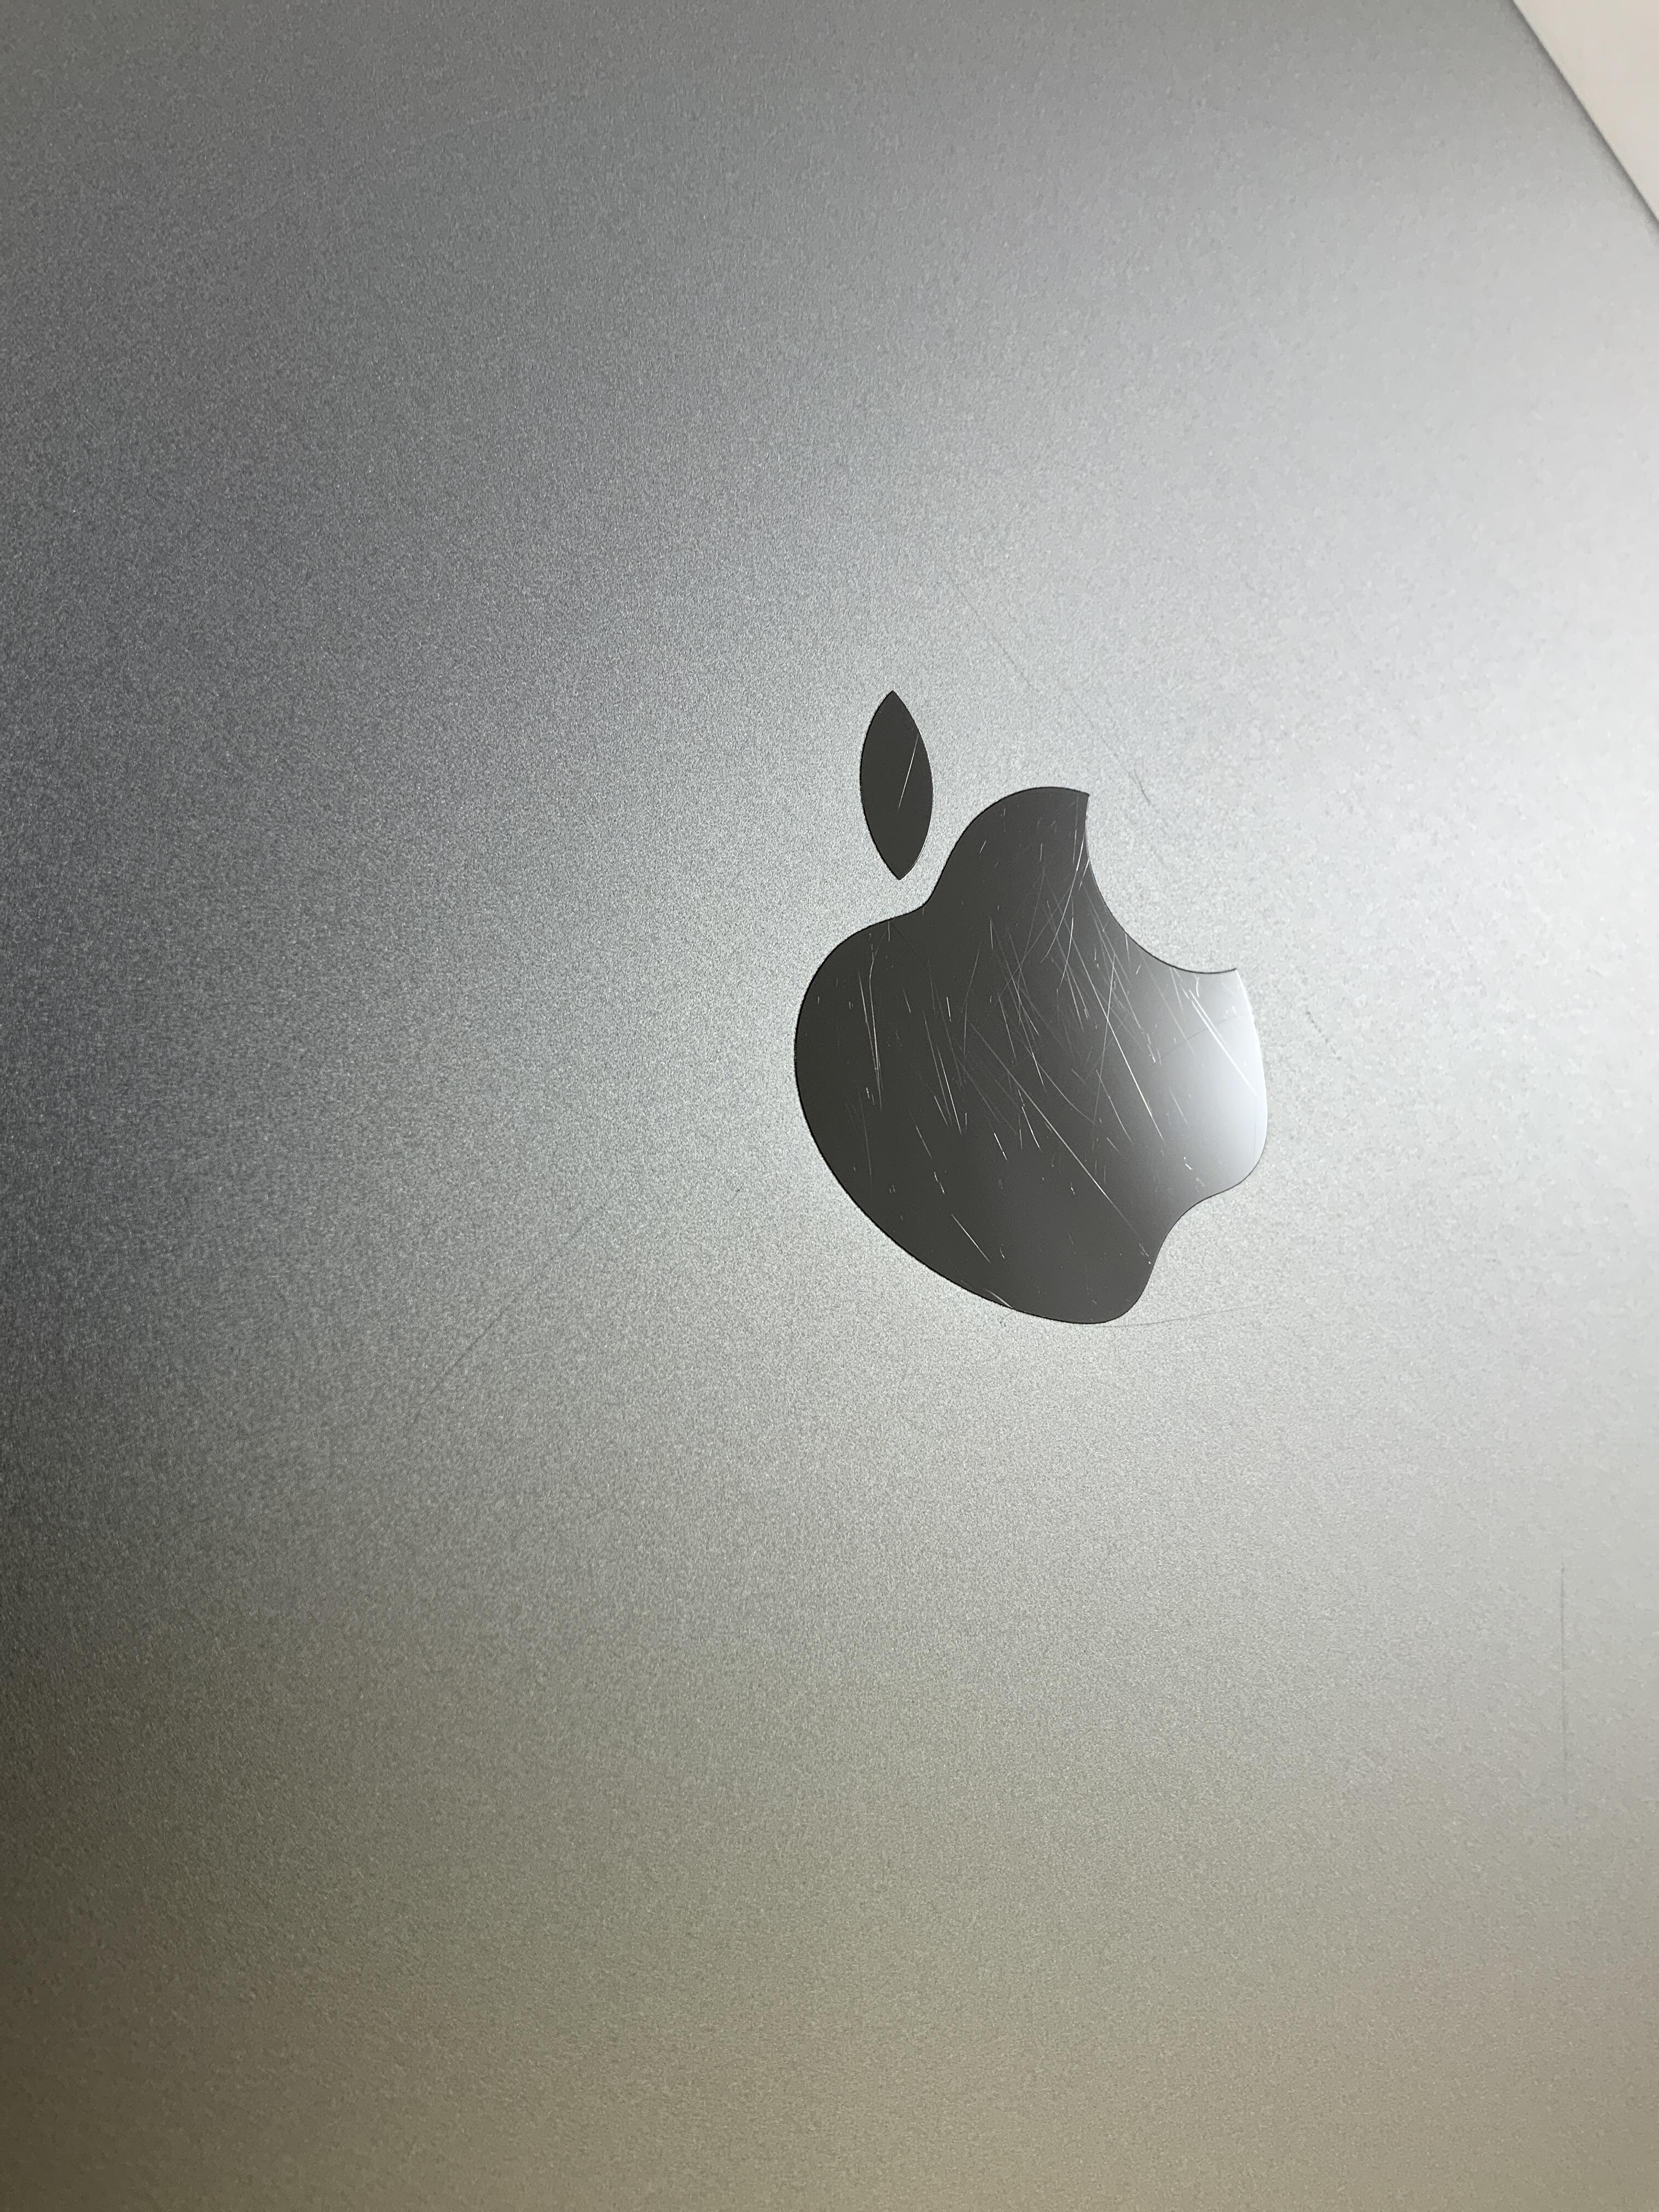 iPad Air 3 Wi-Fi 64GB, 64GB, Gold, bild 3